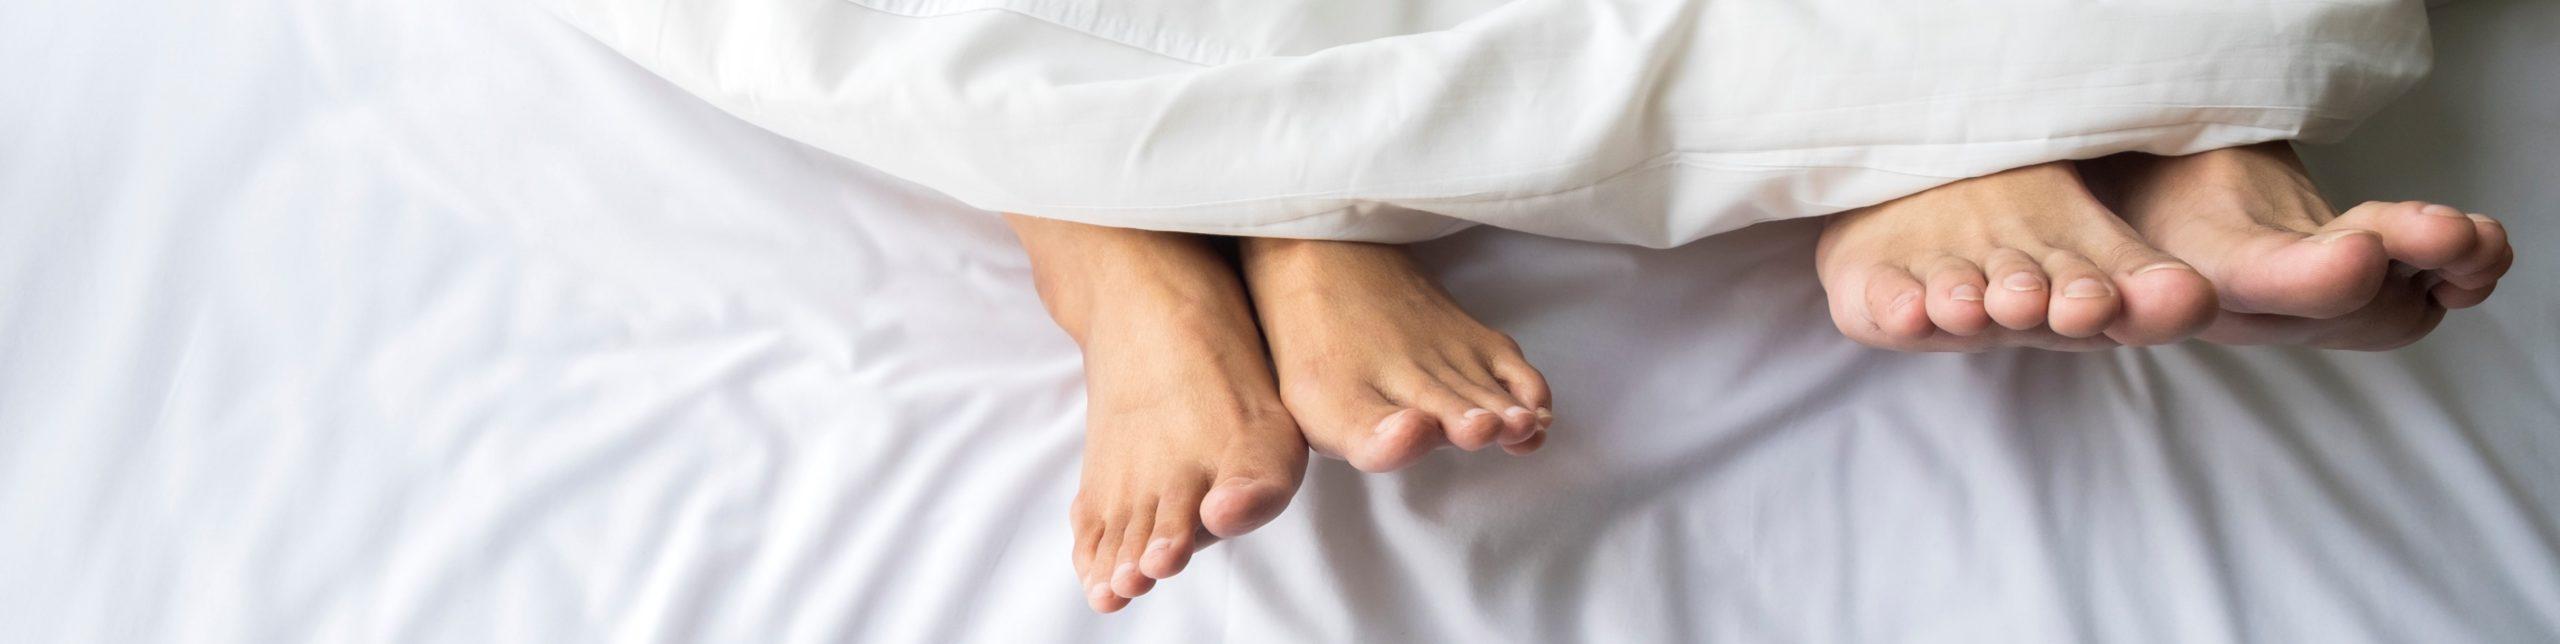 Pieds d'un couple dans un lit confortable